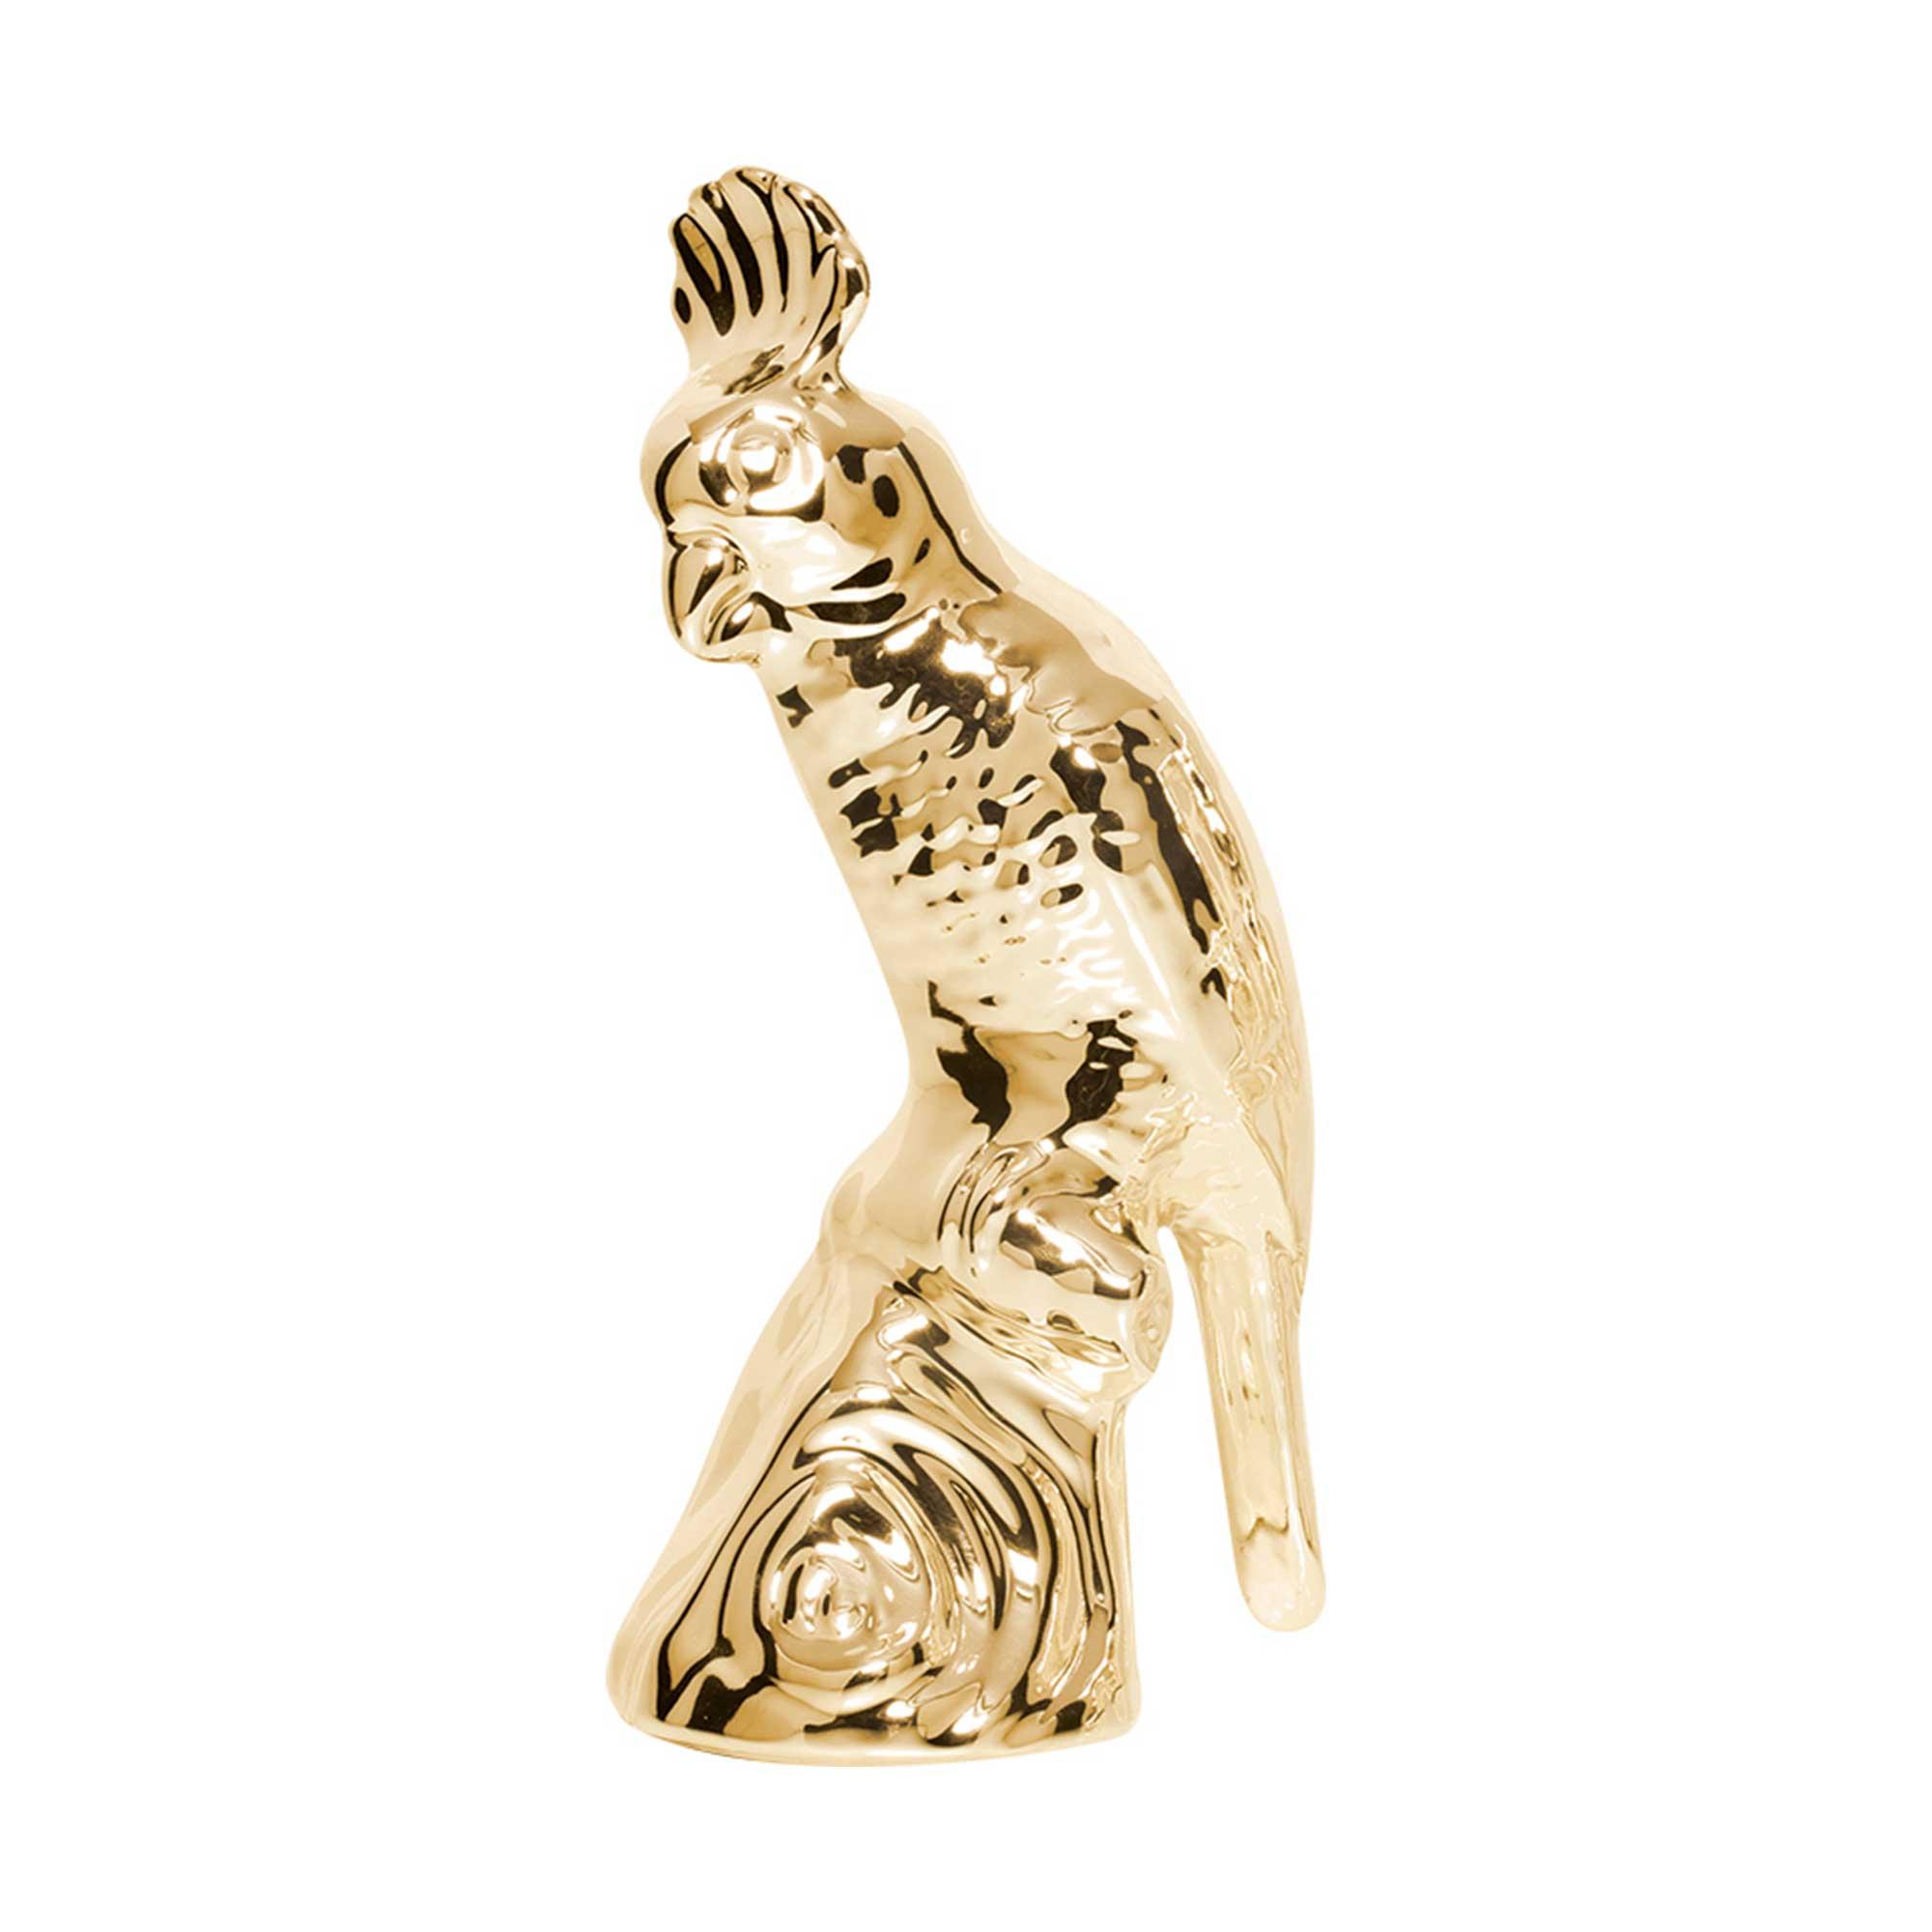 Passarinho Cacatua Pequena Cerâmica Decorativa - Dourado Ouro